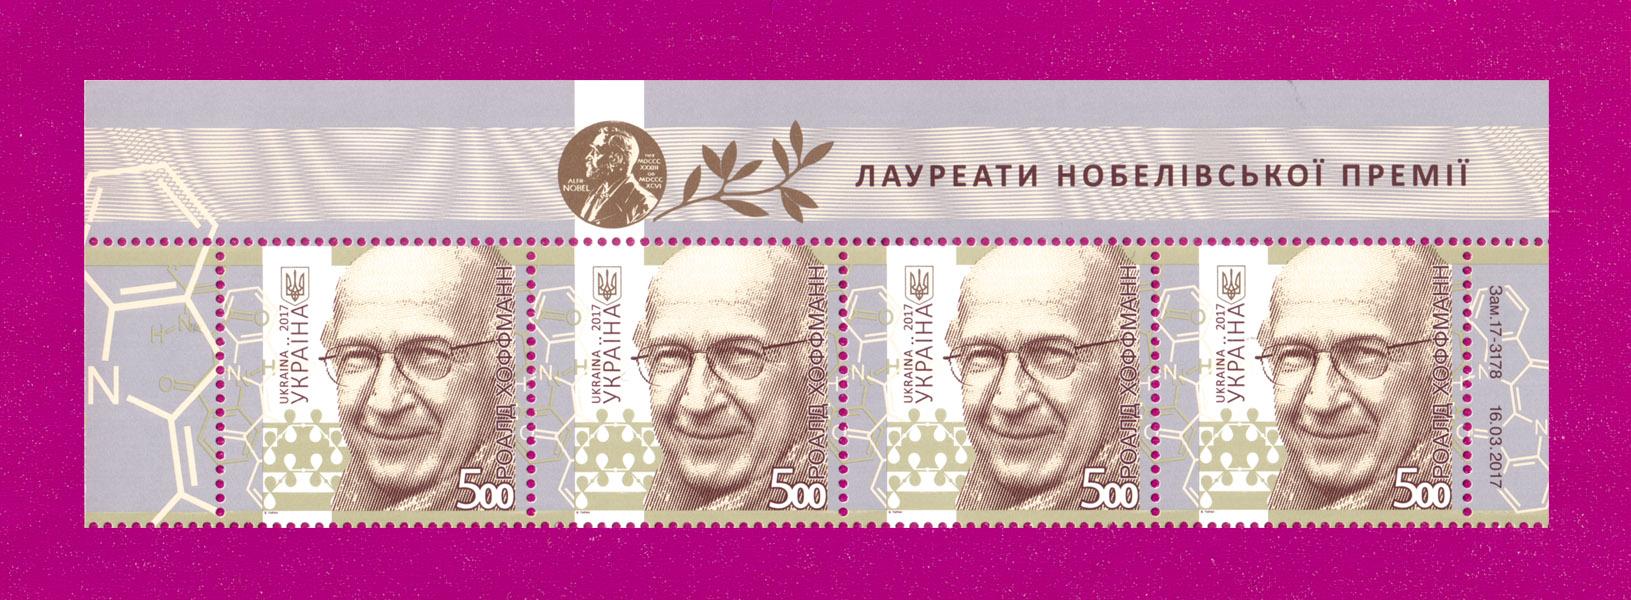 2017 часть листа Роалд Хоффман ВЕРХ Украина